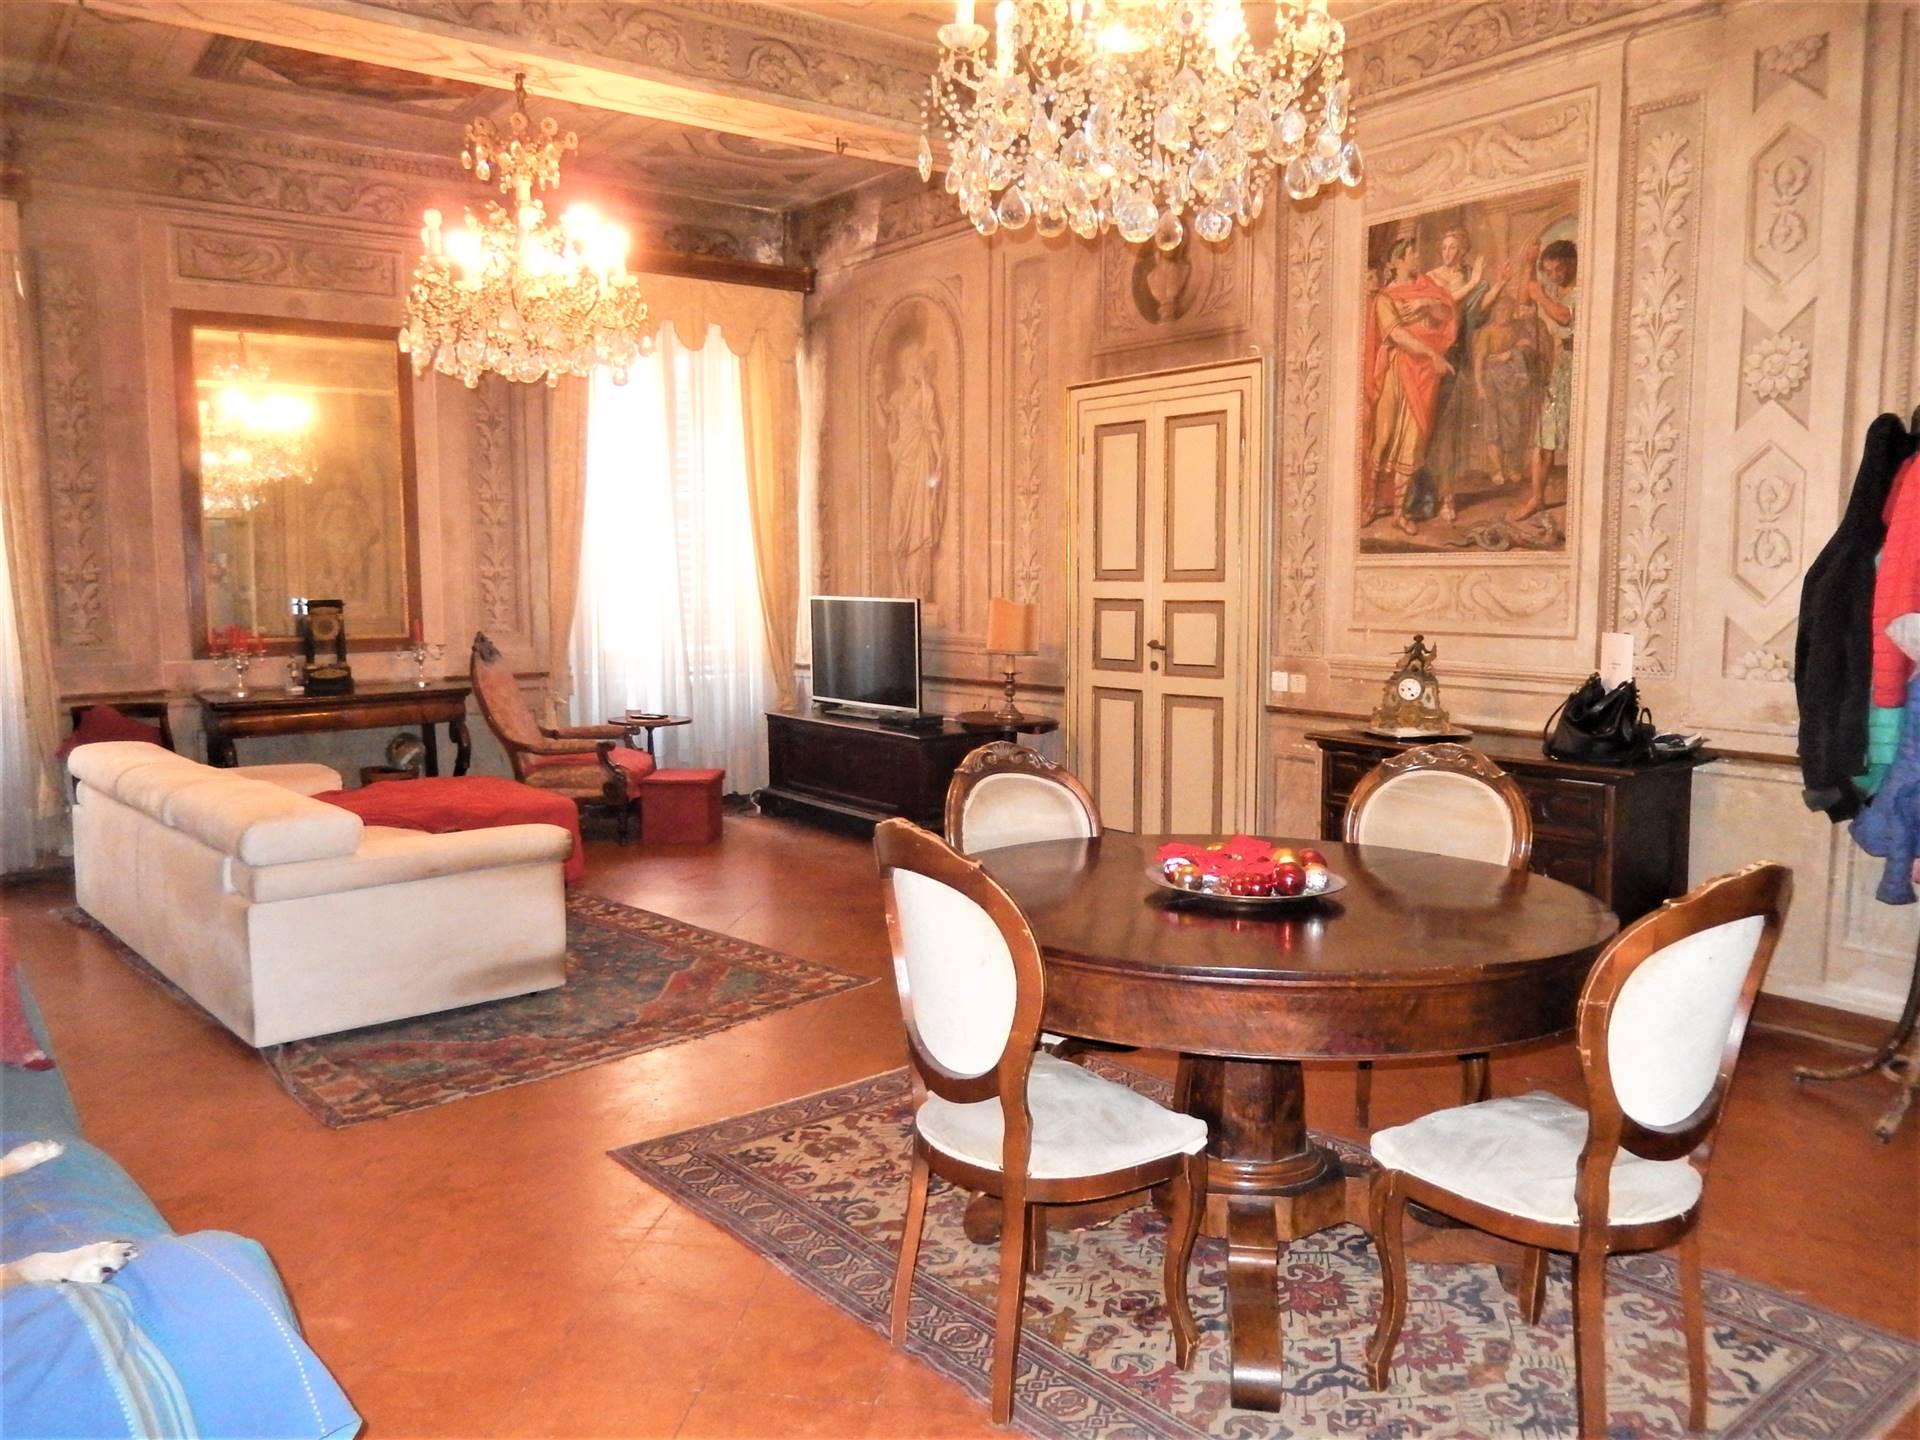 Appartamento in vendita a Mantova, 3 locali, zona Zona: Centro storico, prezzo € 350.000 | CambioCasa.it